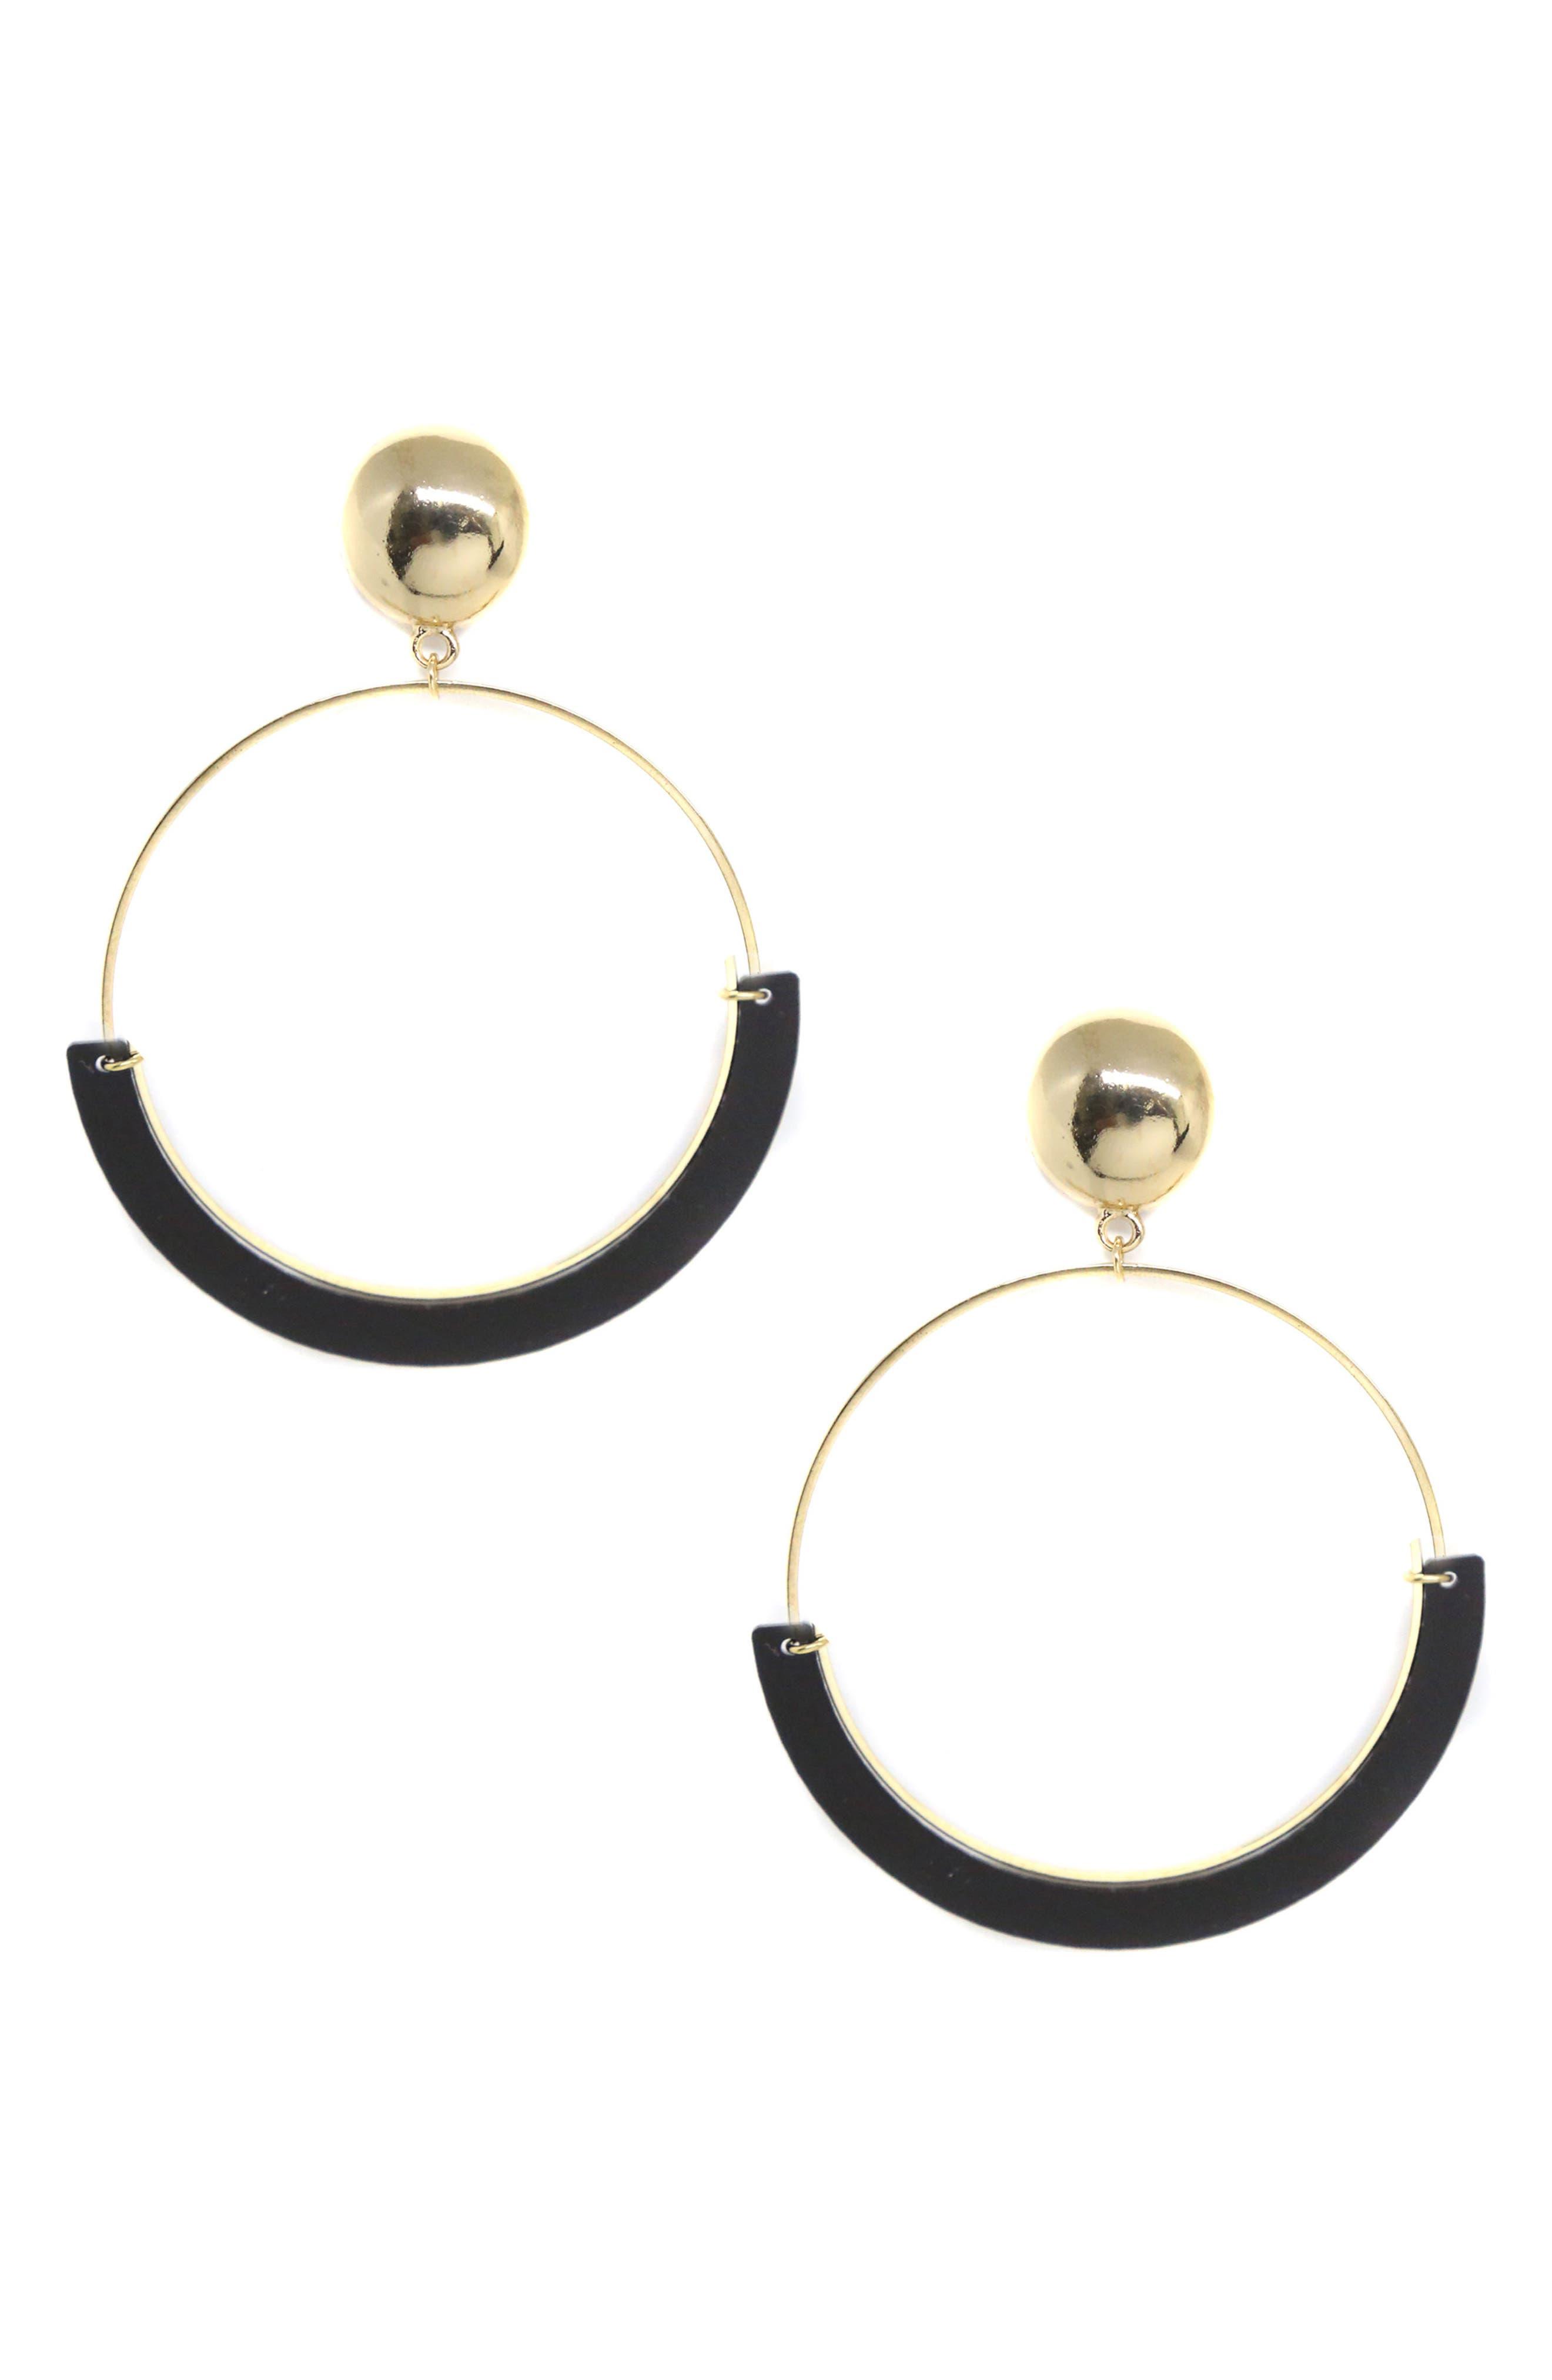 Gold Wire & Resin Hoop Earrings,                         Main,                         color, Black